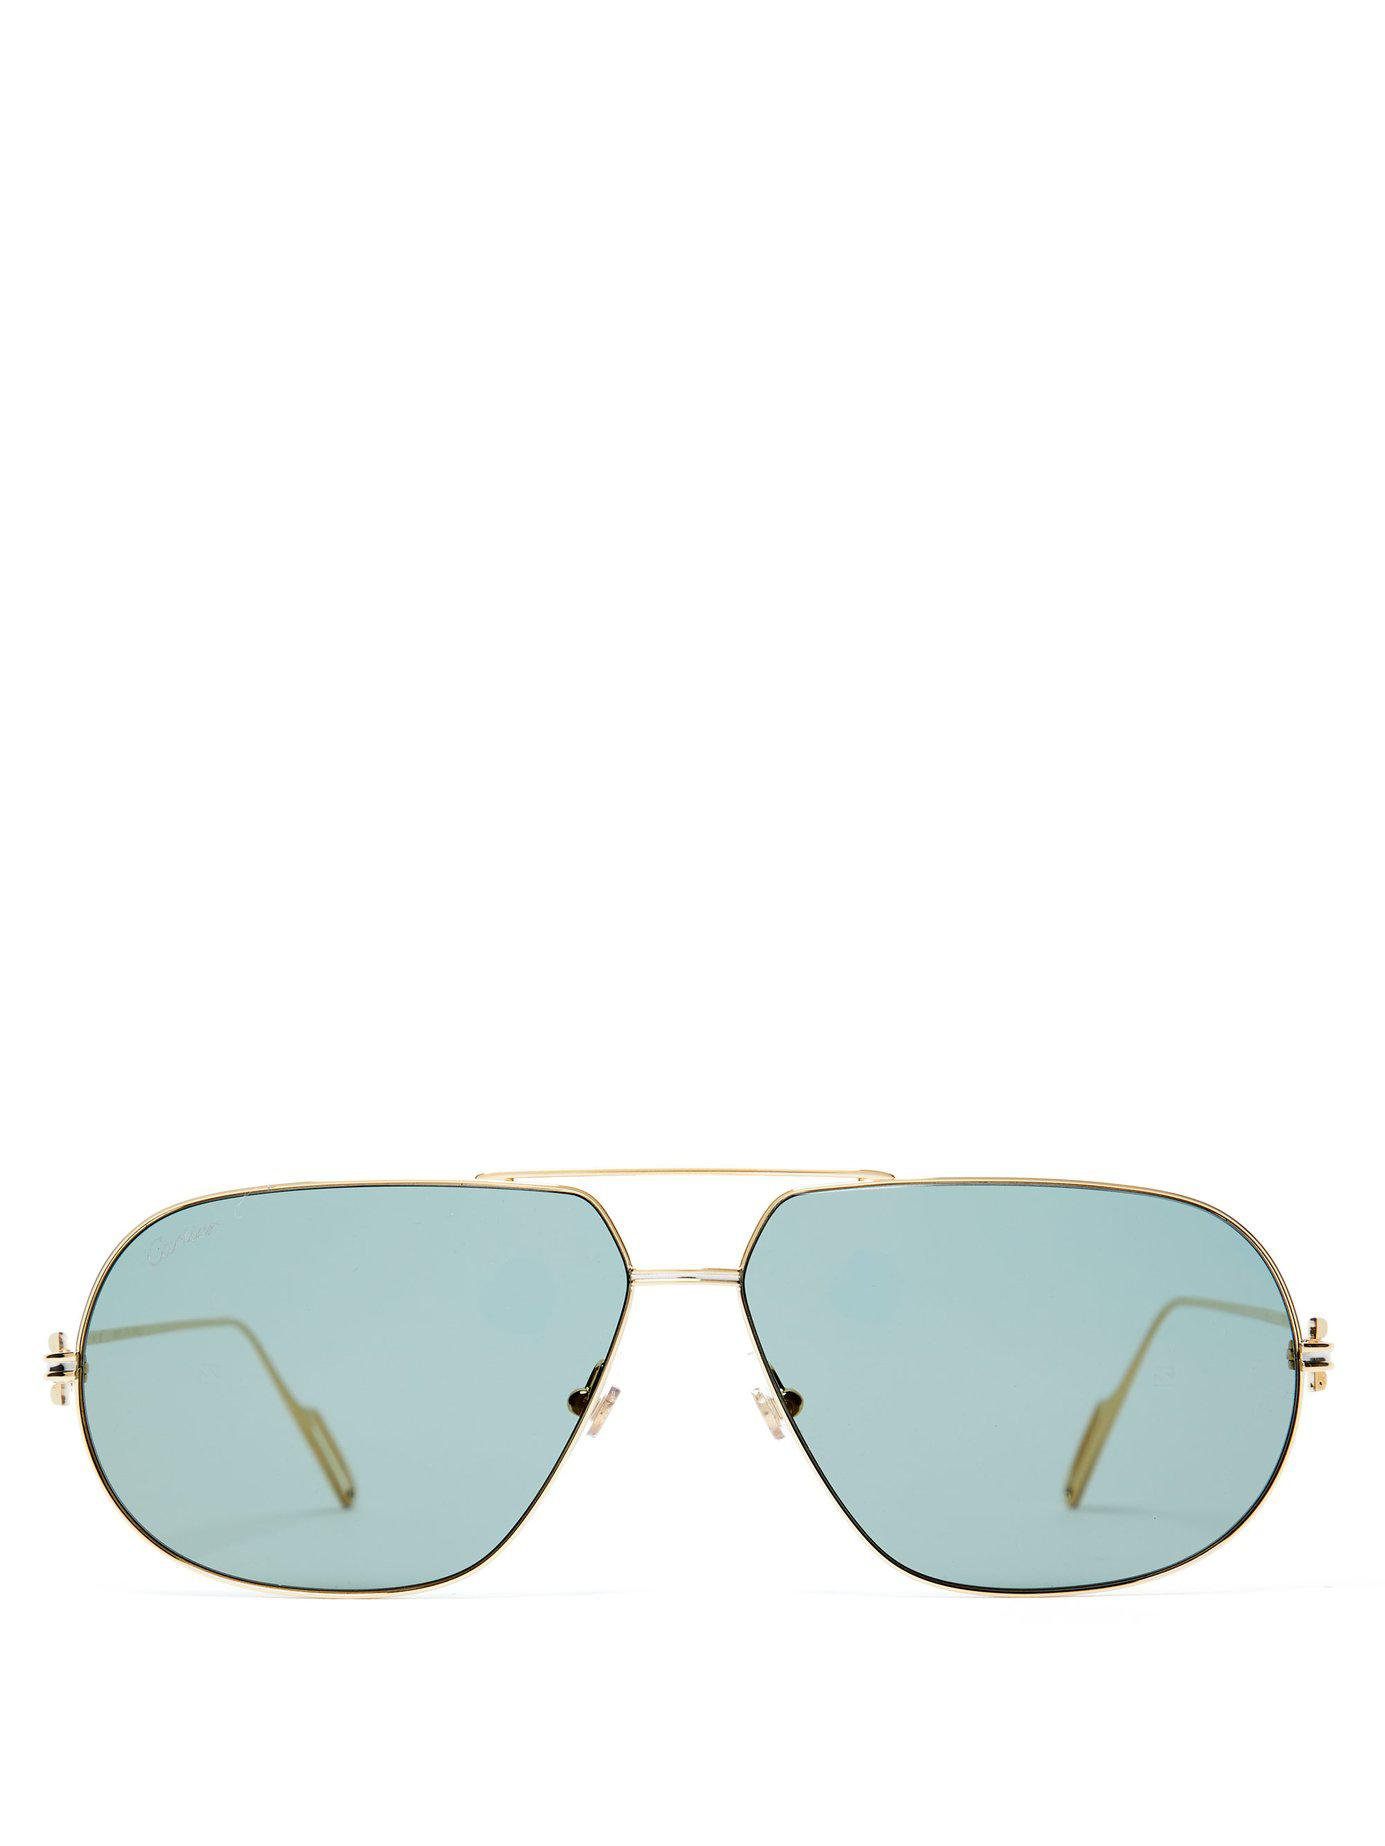 8ce1e242be7 Cartier. Men s Metallic Première De Cartier Aviator Frame Sunglasses